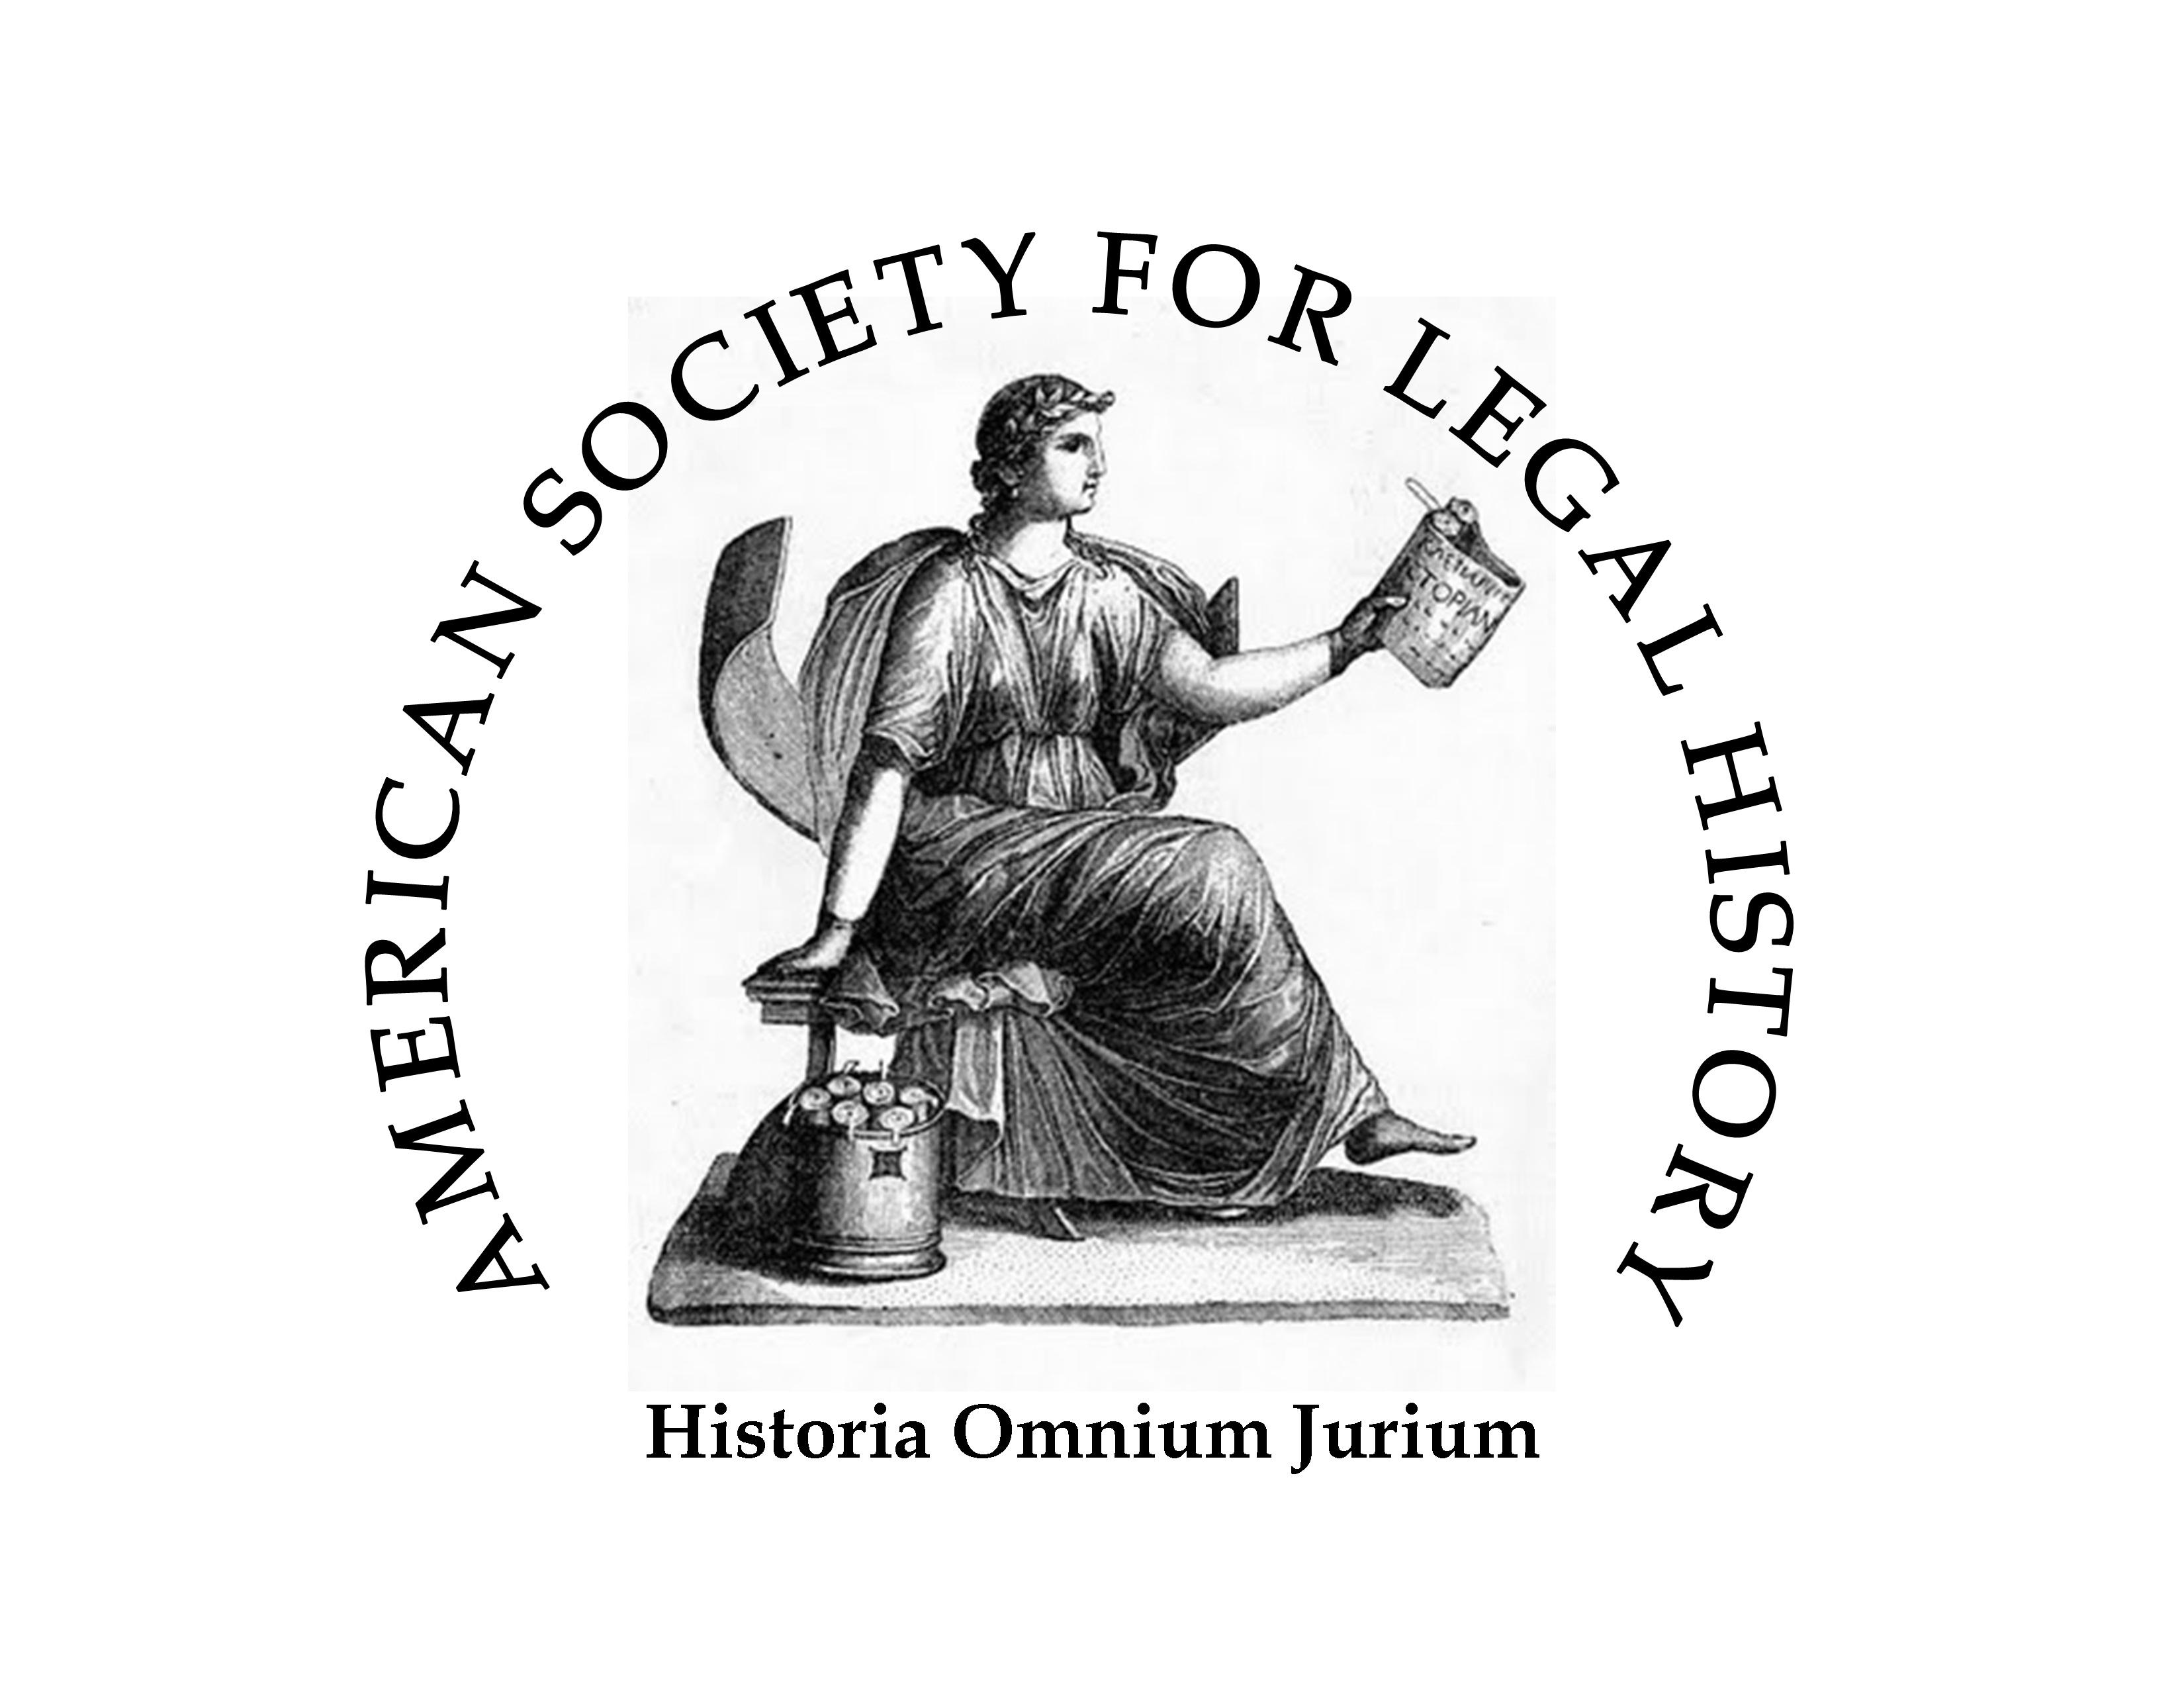 Resultado de imagen para American Society for Legal History